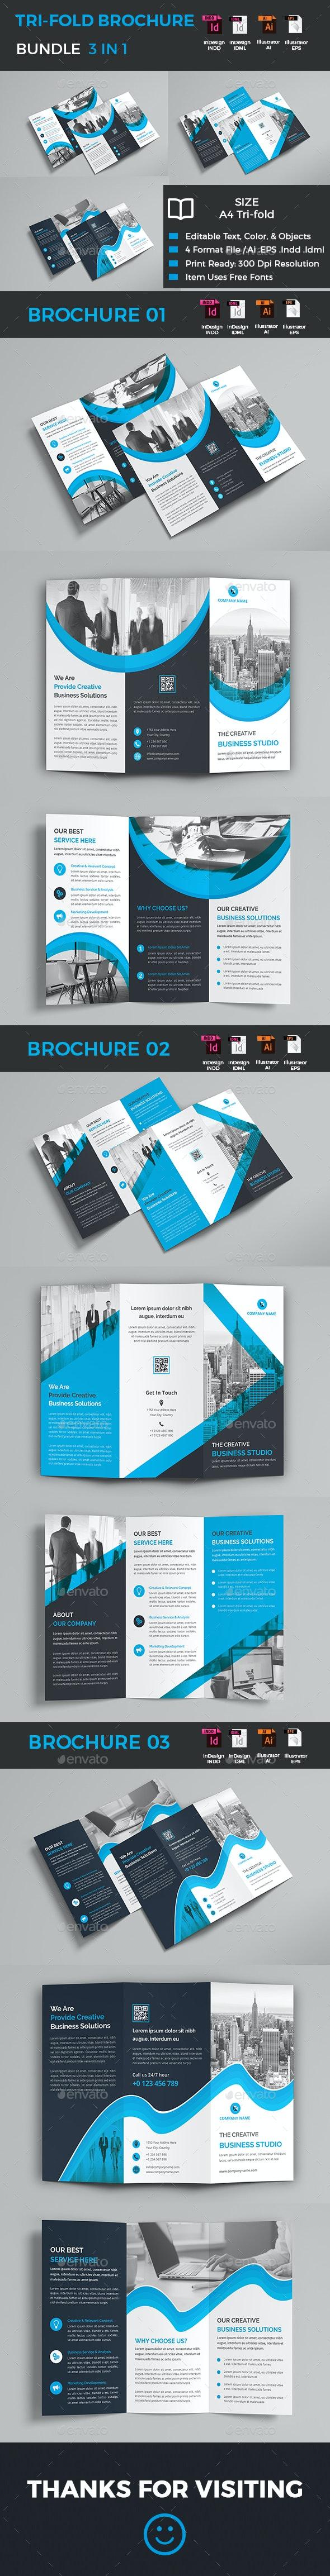 Tri-Fold Brochure Bundle - Corporate Brochures